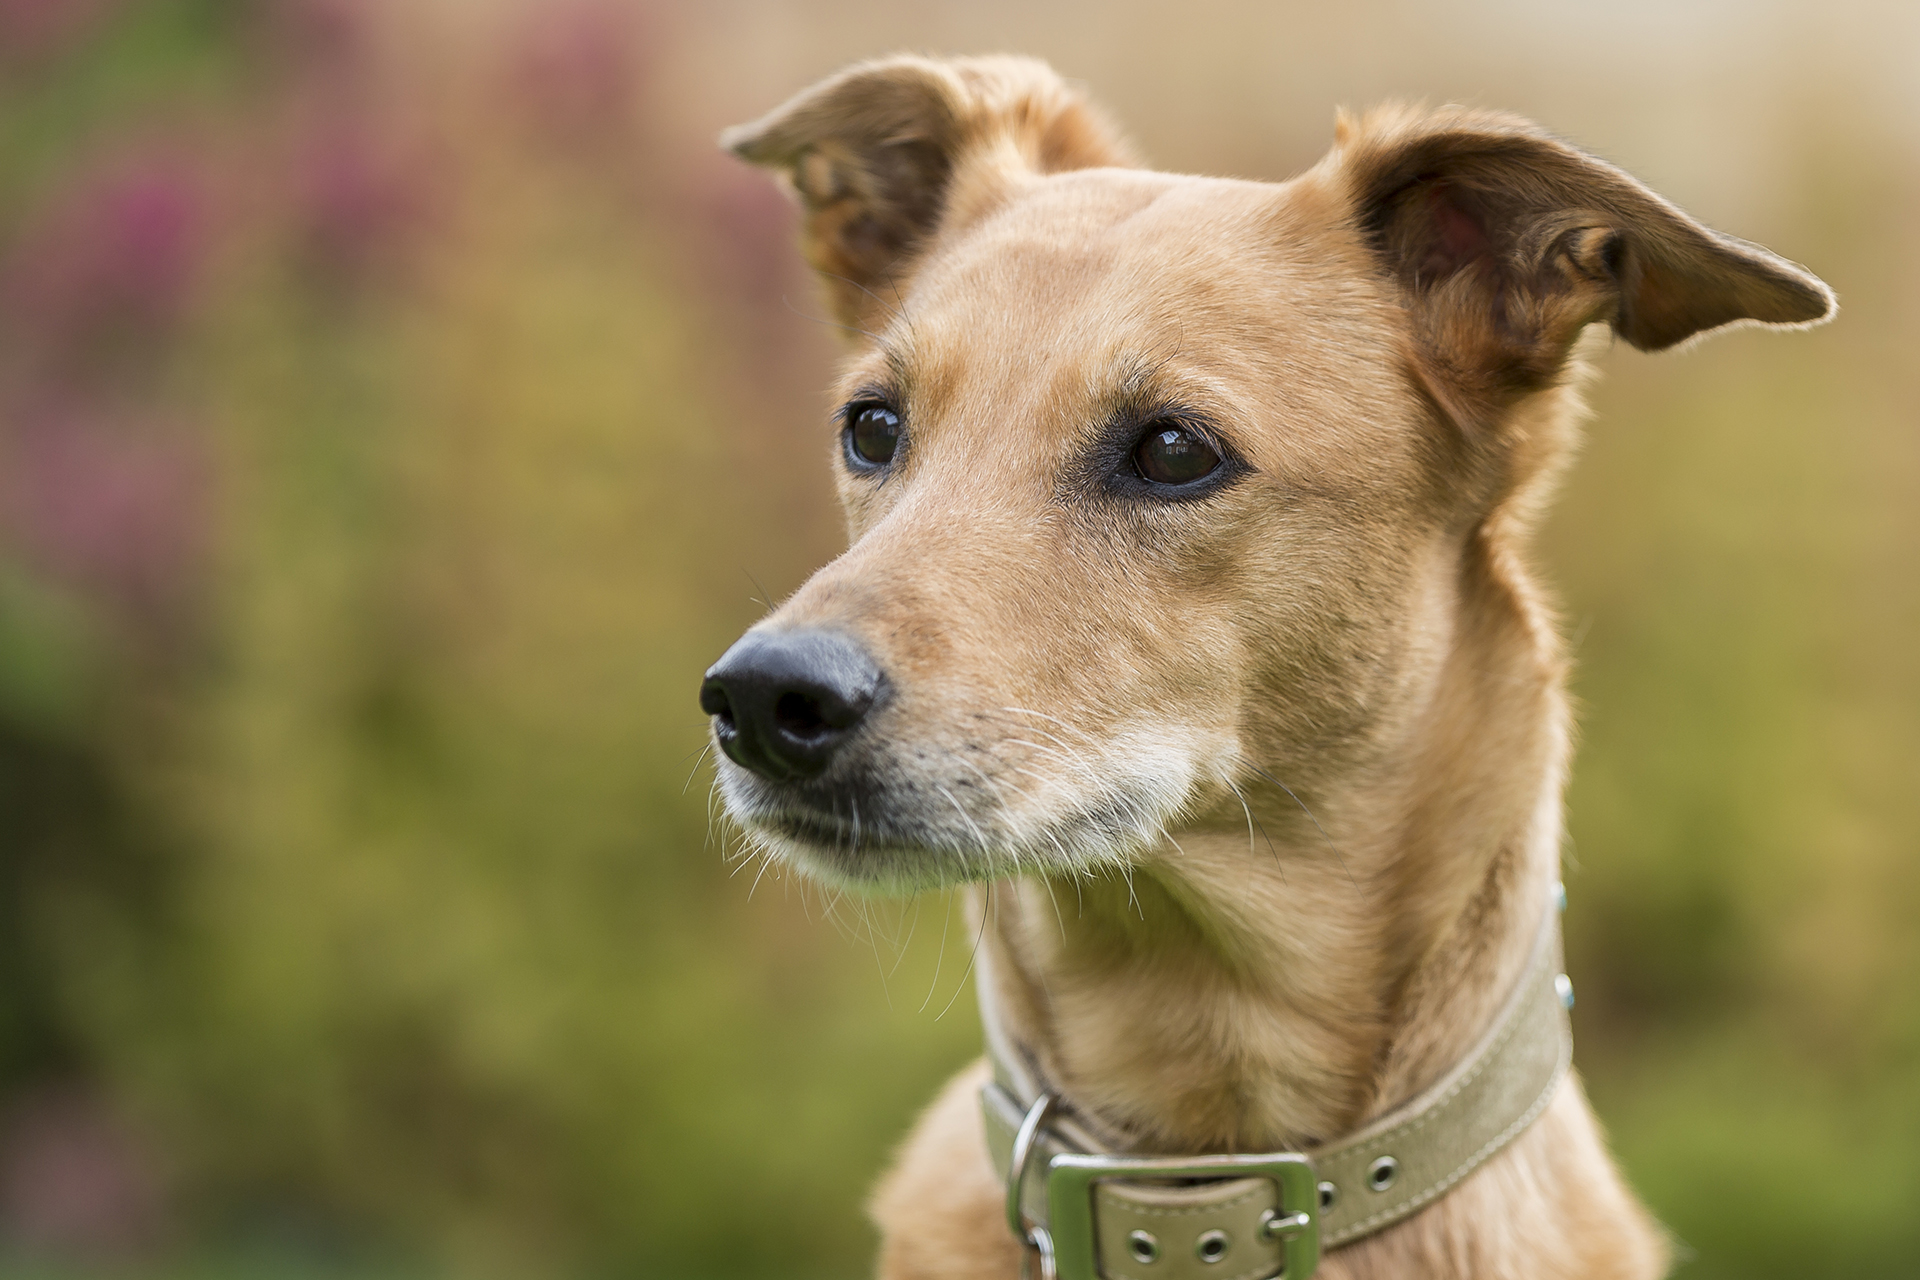 Lurcher dog photograph